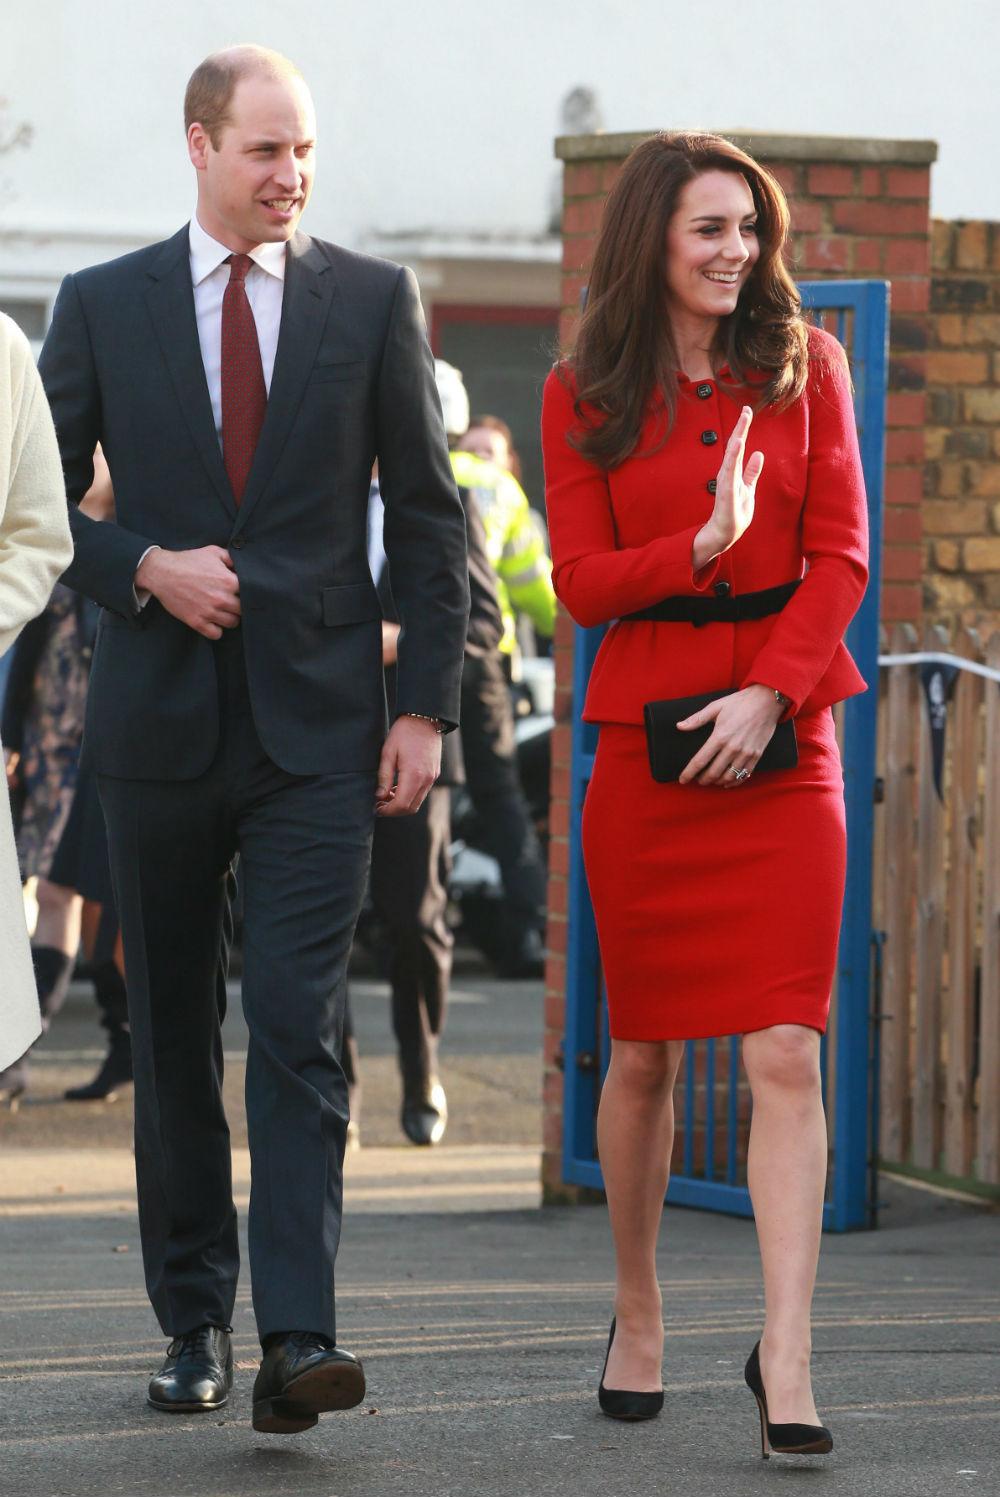 Гардероб не должен быть противоречивым Члены королевской семьи обязаны даже в одежде не допускать ка